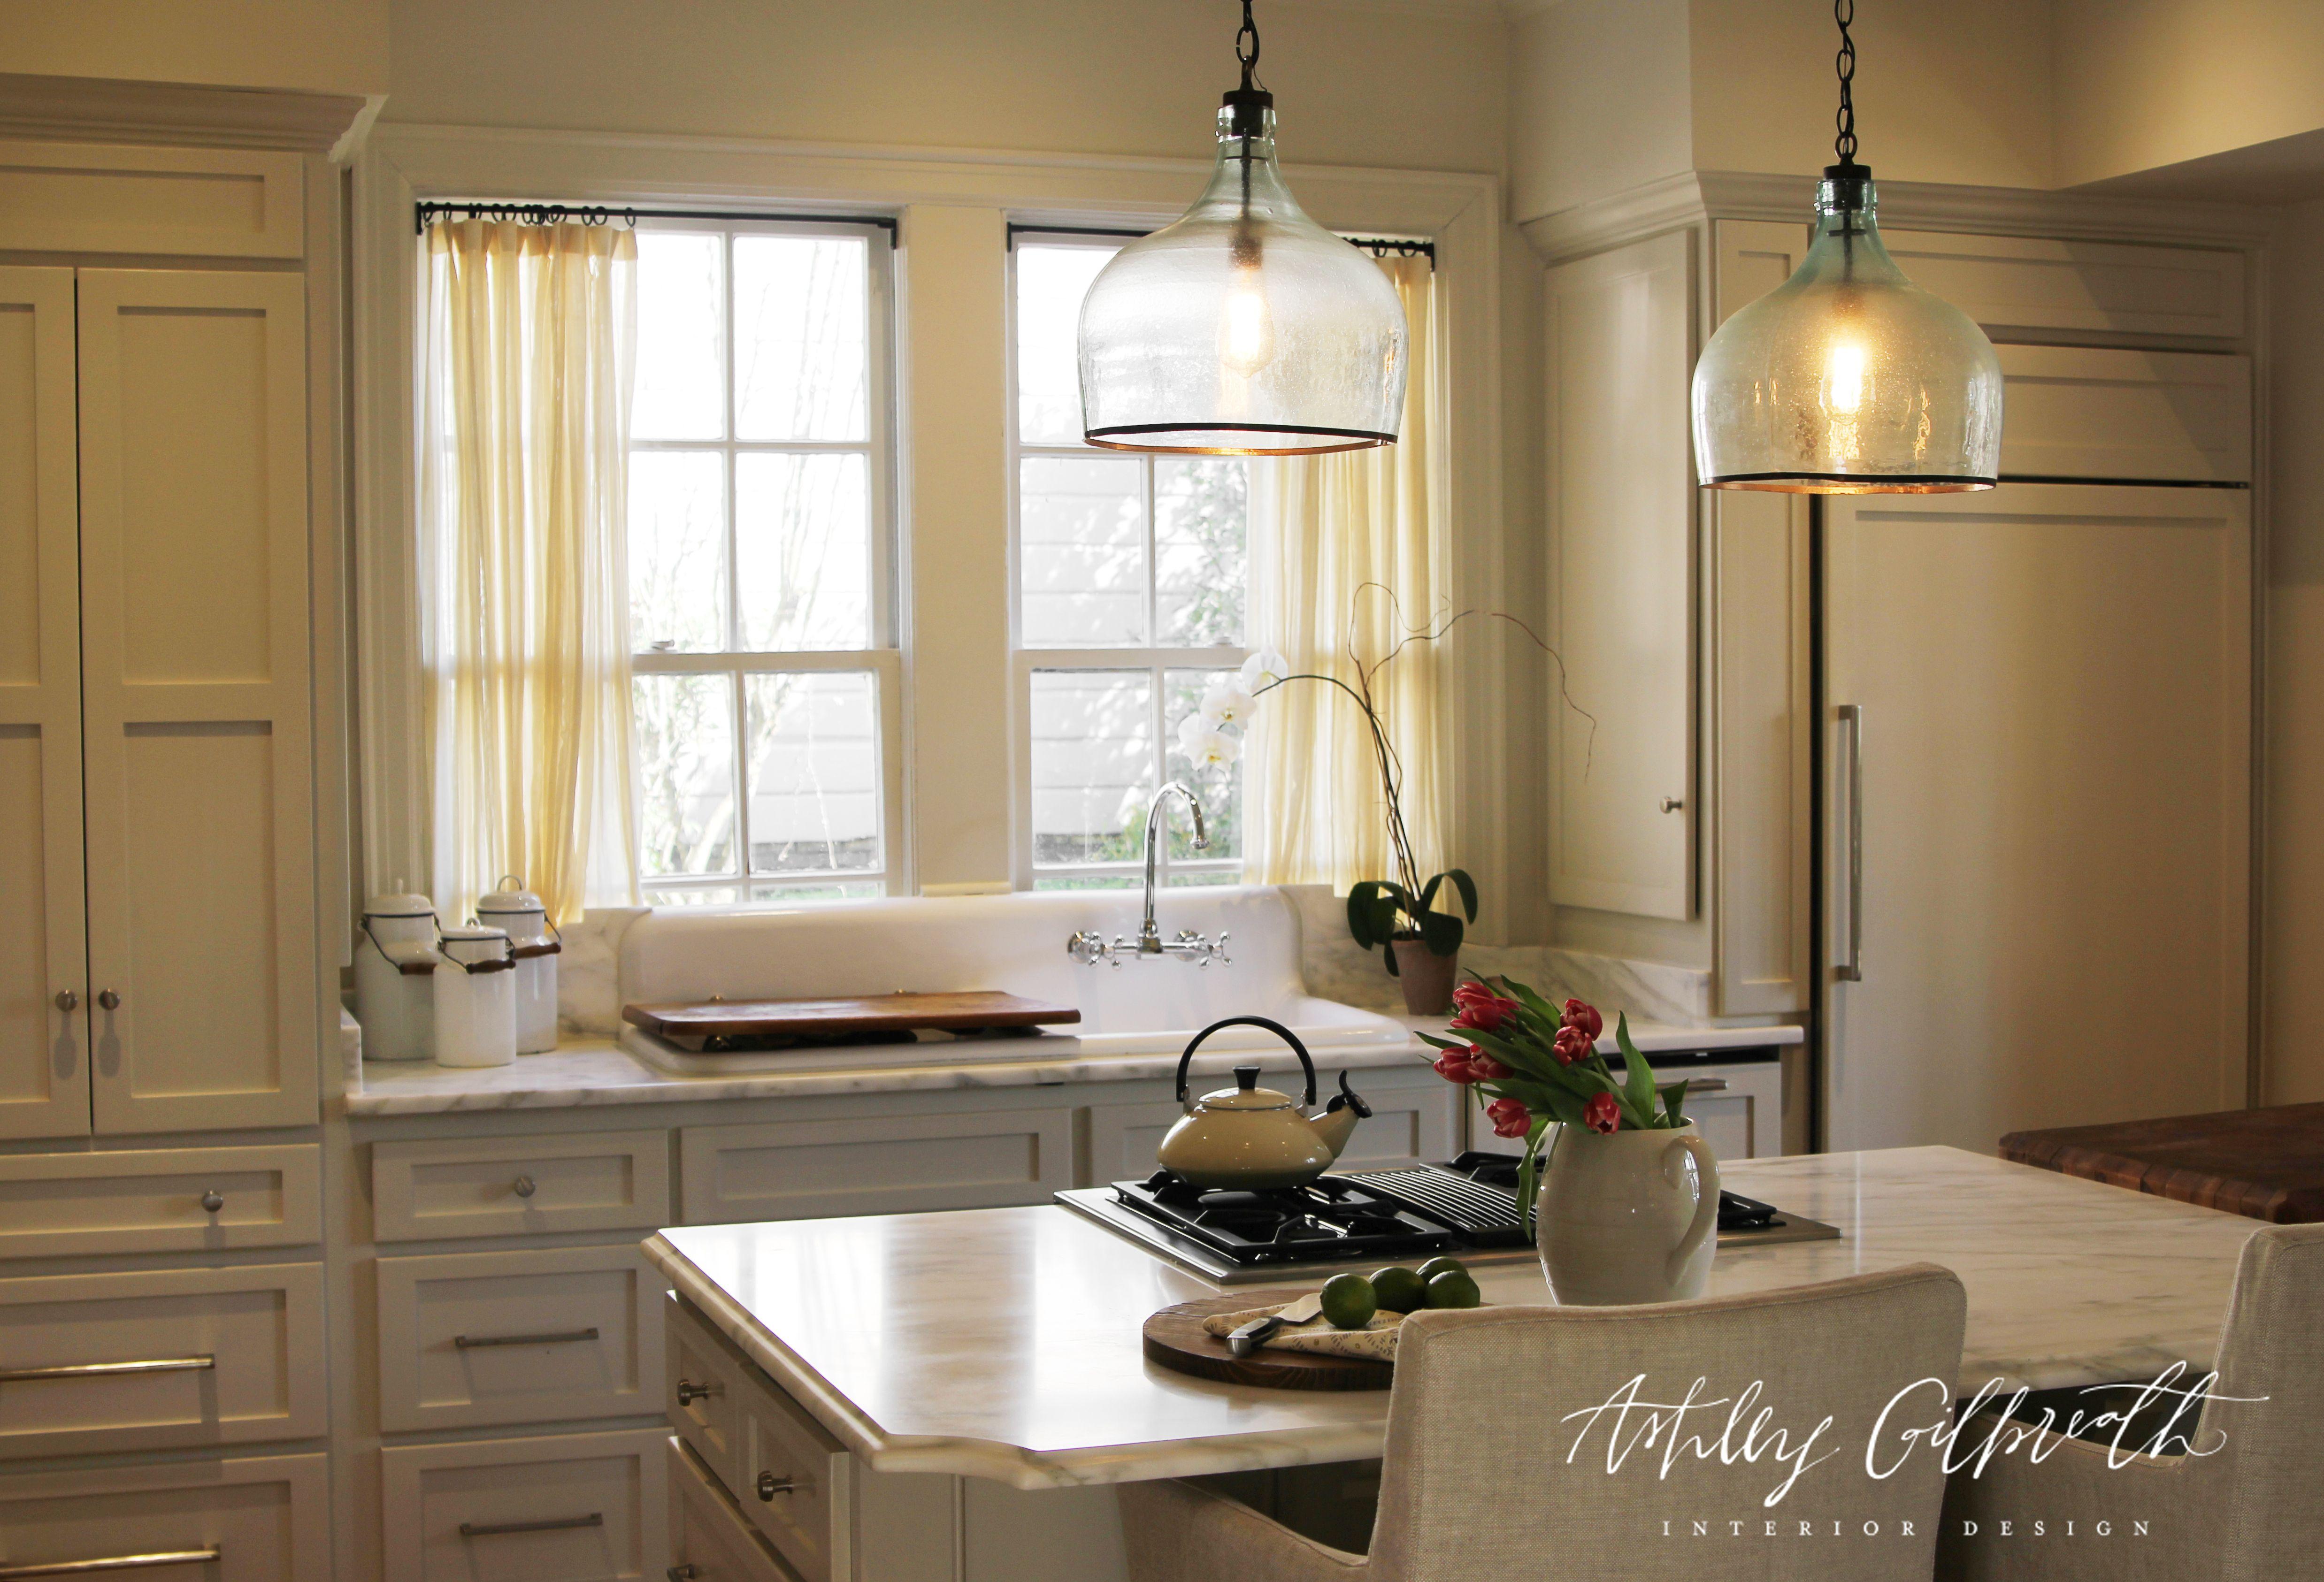 Ashley Gilbreath Interior Design Montgomery Alabama Kitchen Glamorous Designer Kitchen Curtains Decorating Design